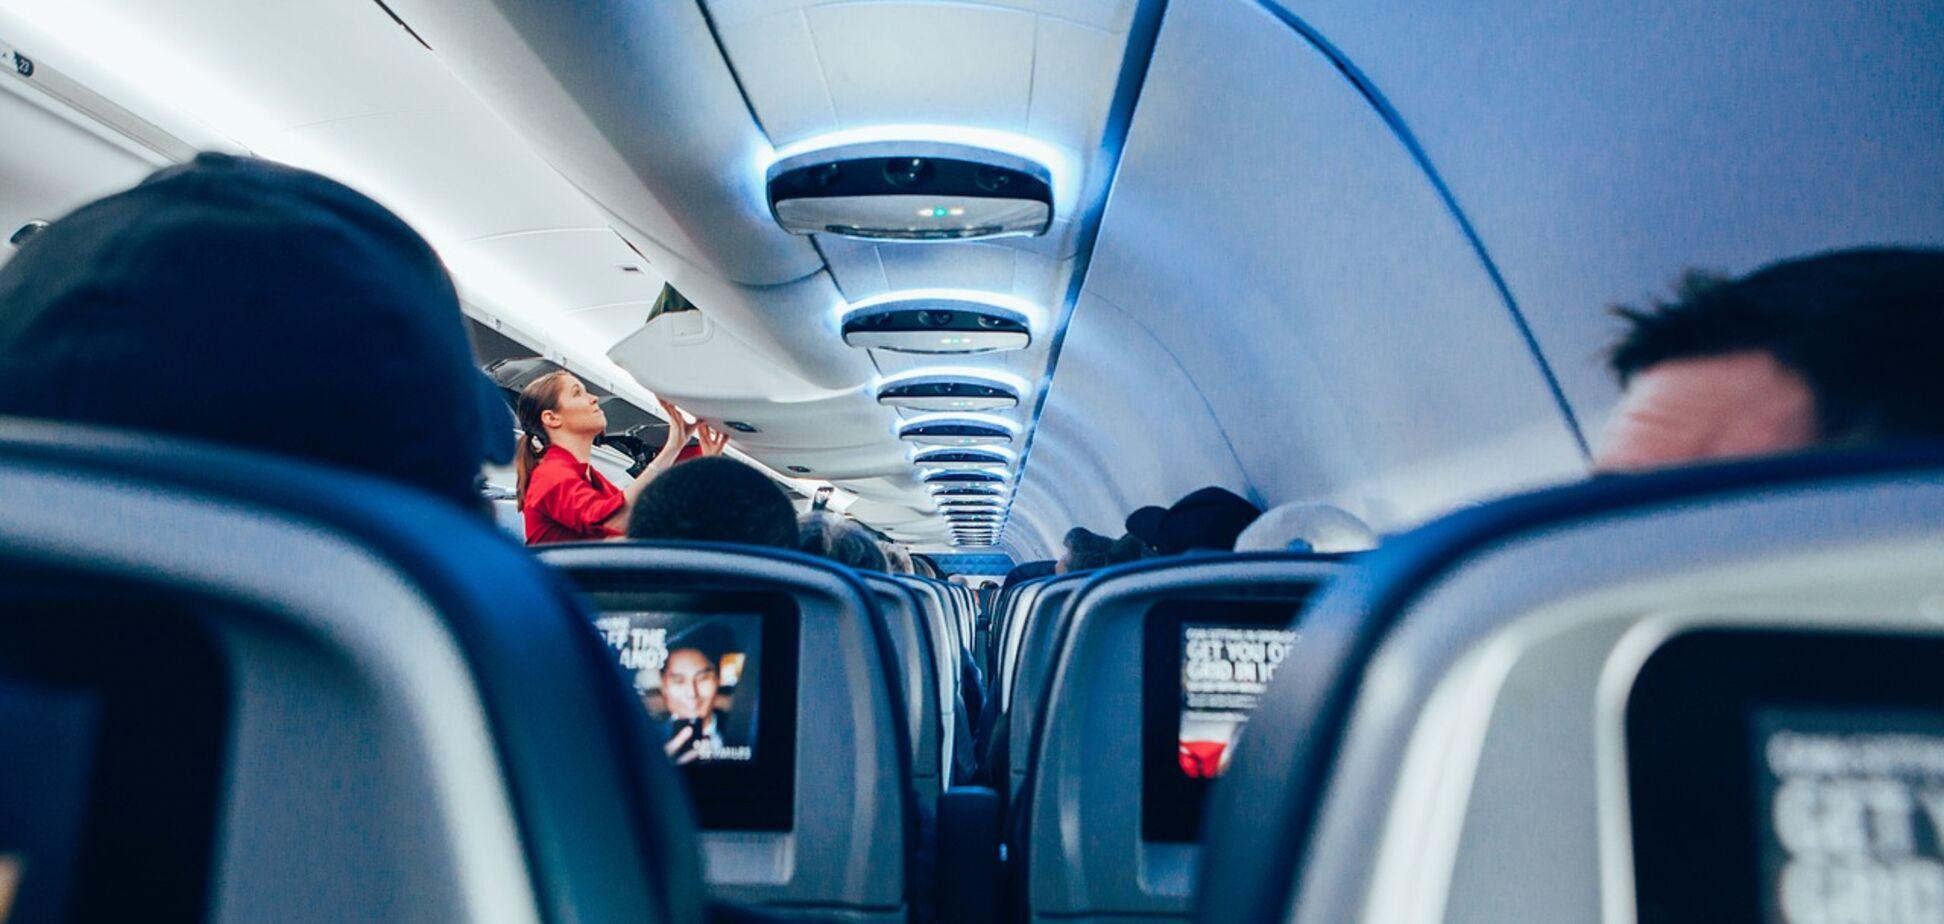 Застряли в аэропорту Туниса: появились новые данные о судьбе украинских туристов